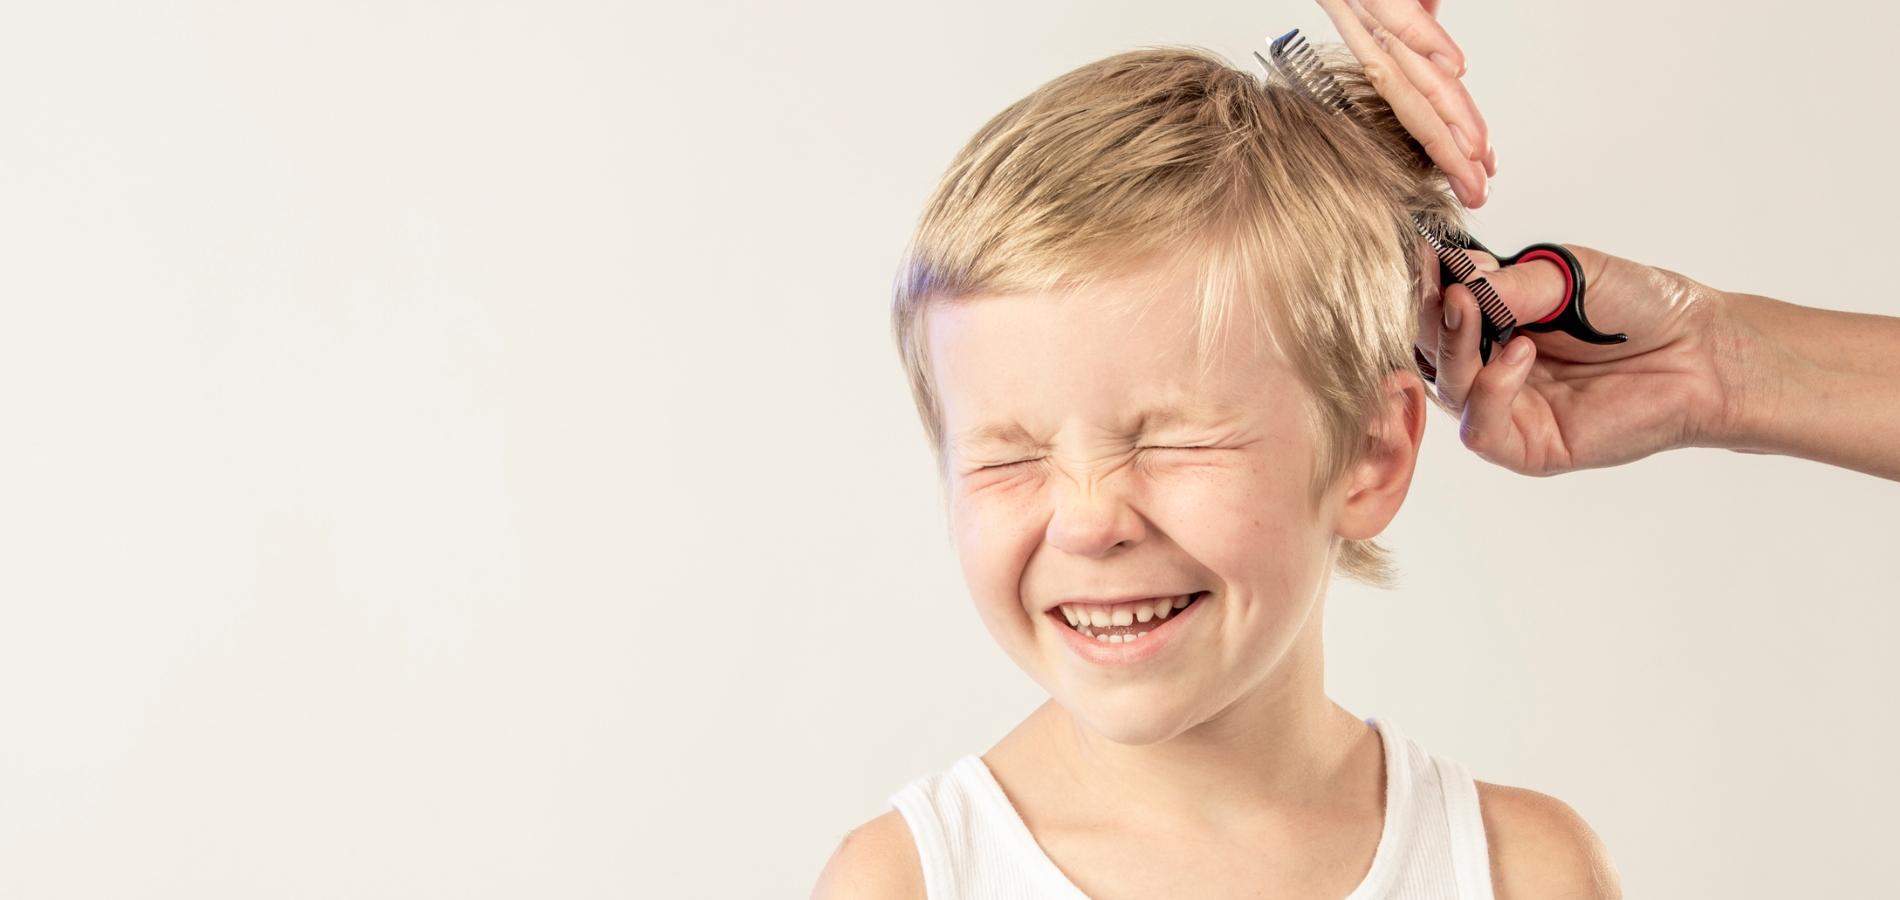 Comment Couper Les Cheveux D Un Garcon Madame Figaro